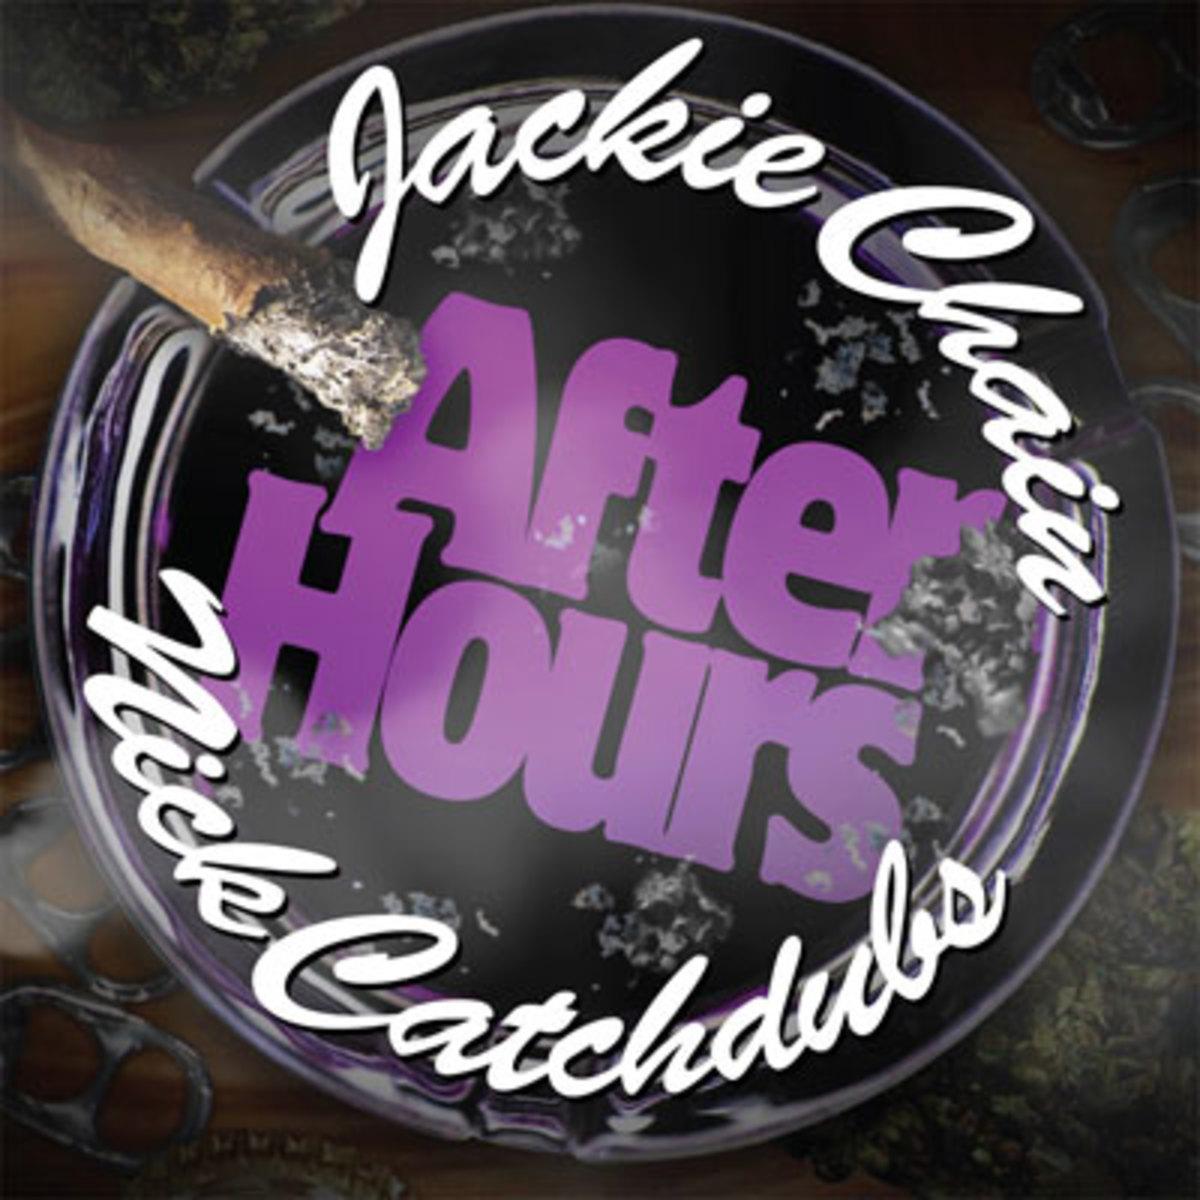 jackiechain-afterhours.jpg